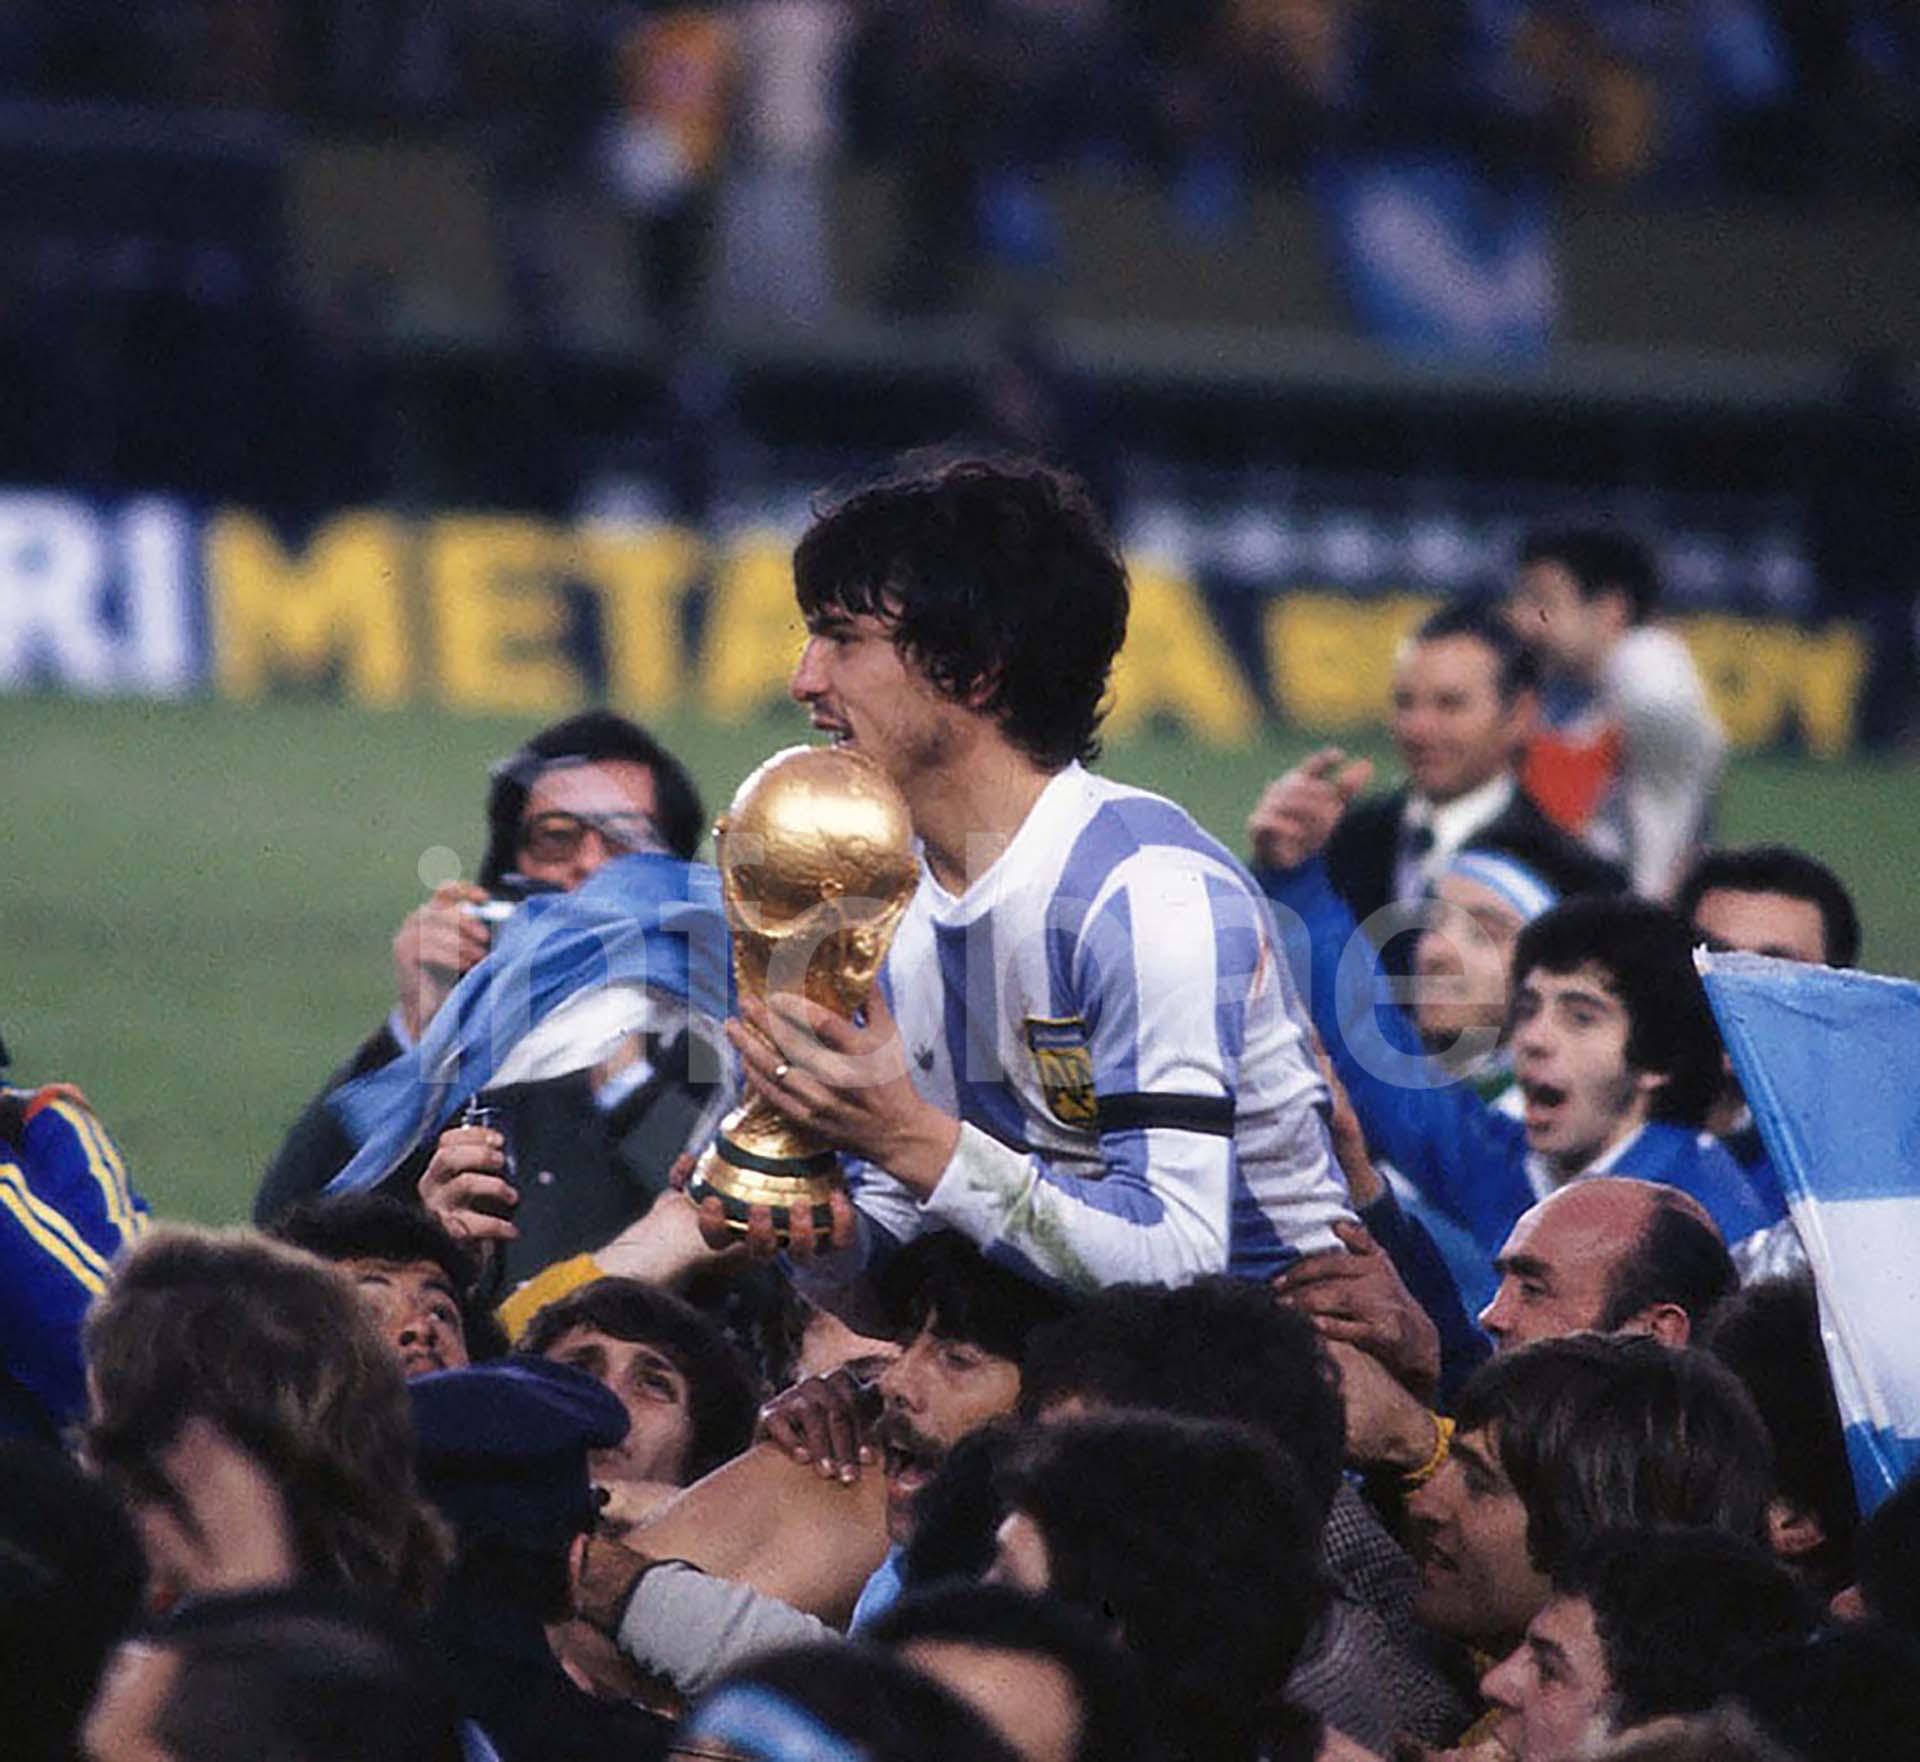 El capitán Daniel Passarella levanta la Copa luego de la consagración de Argentina como local en 1978